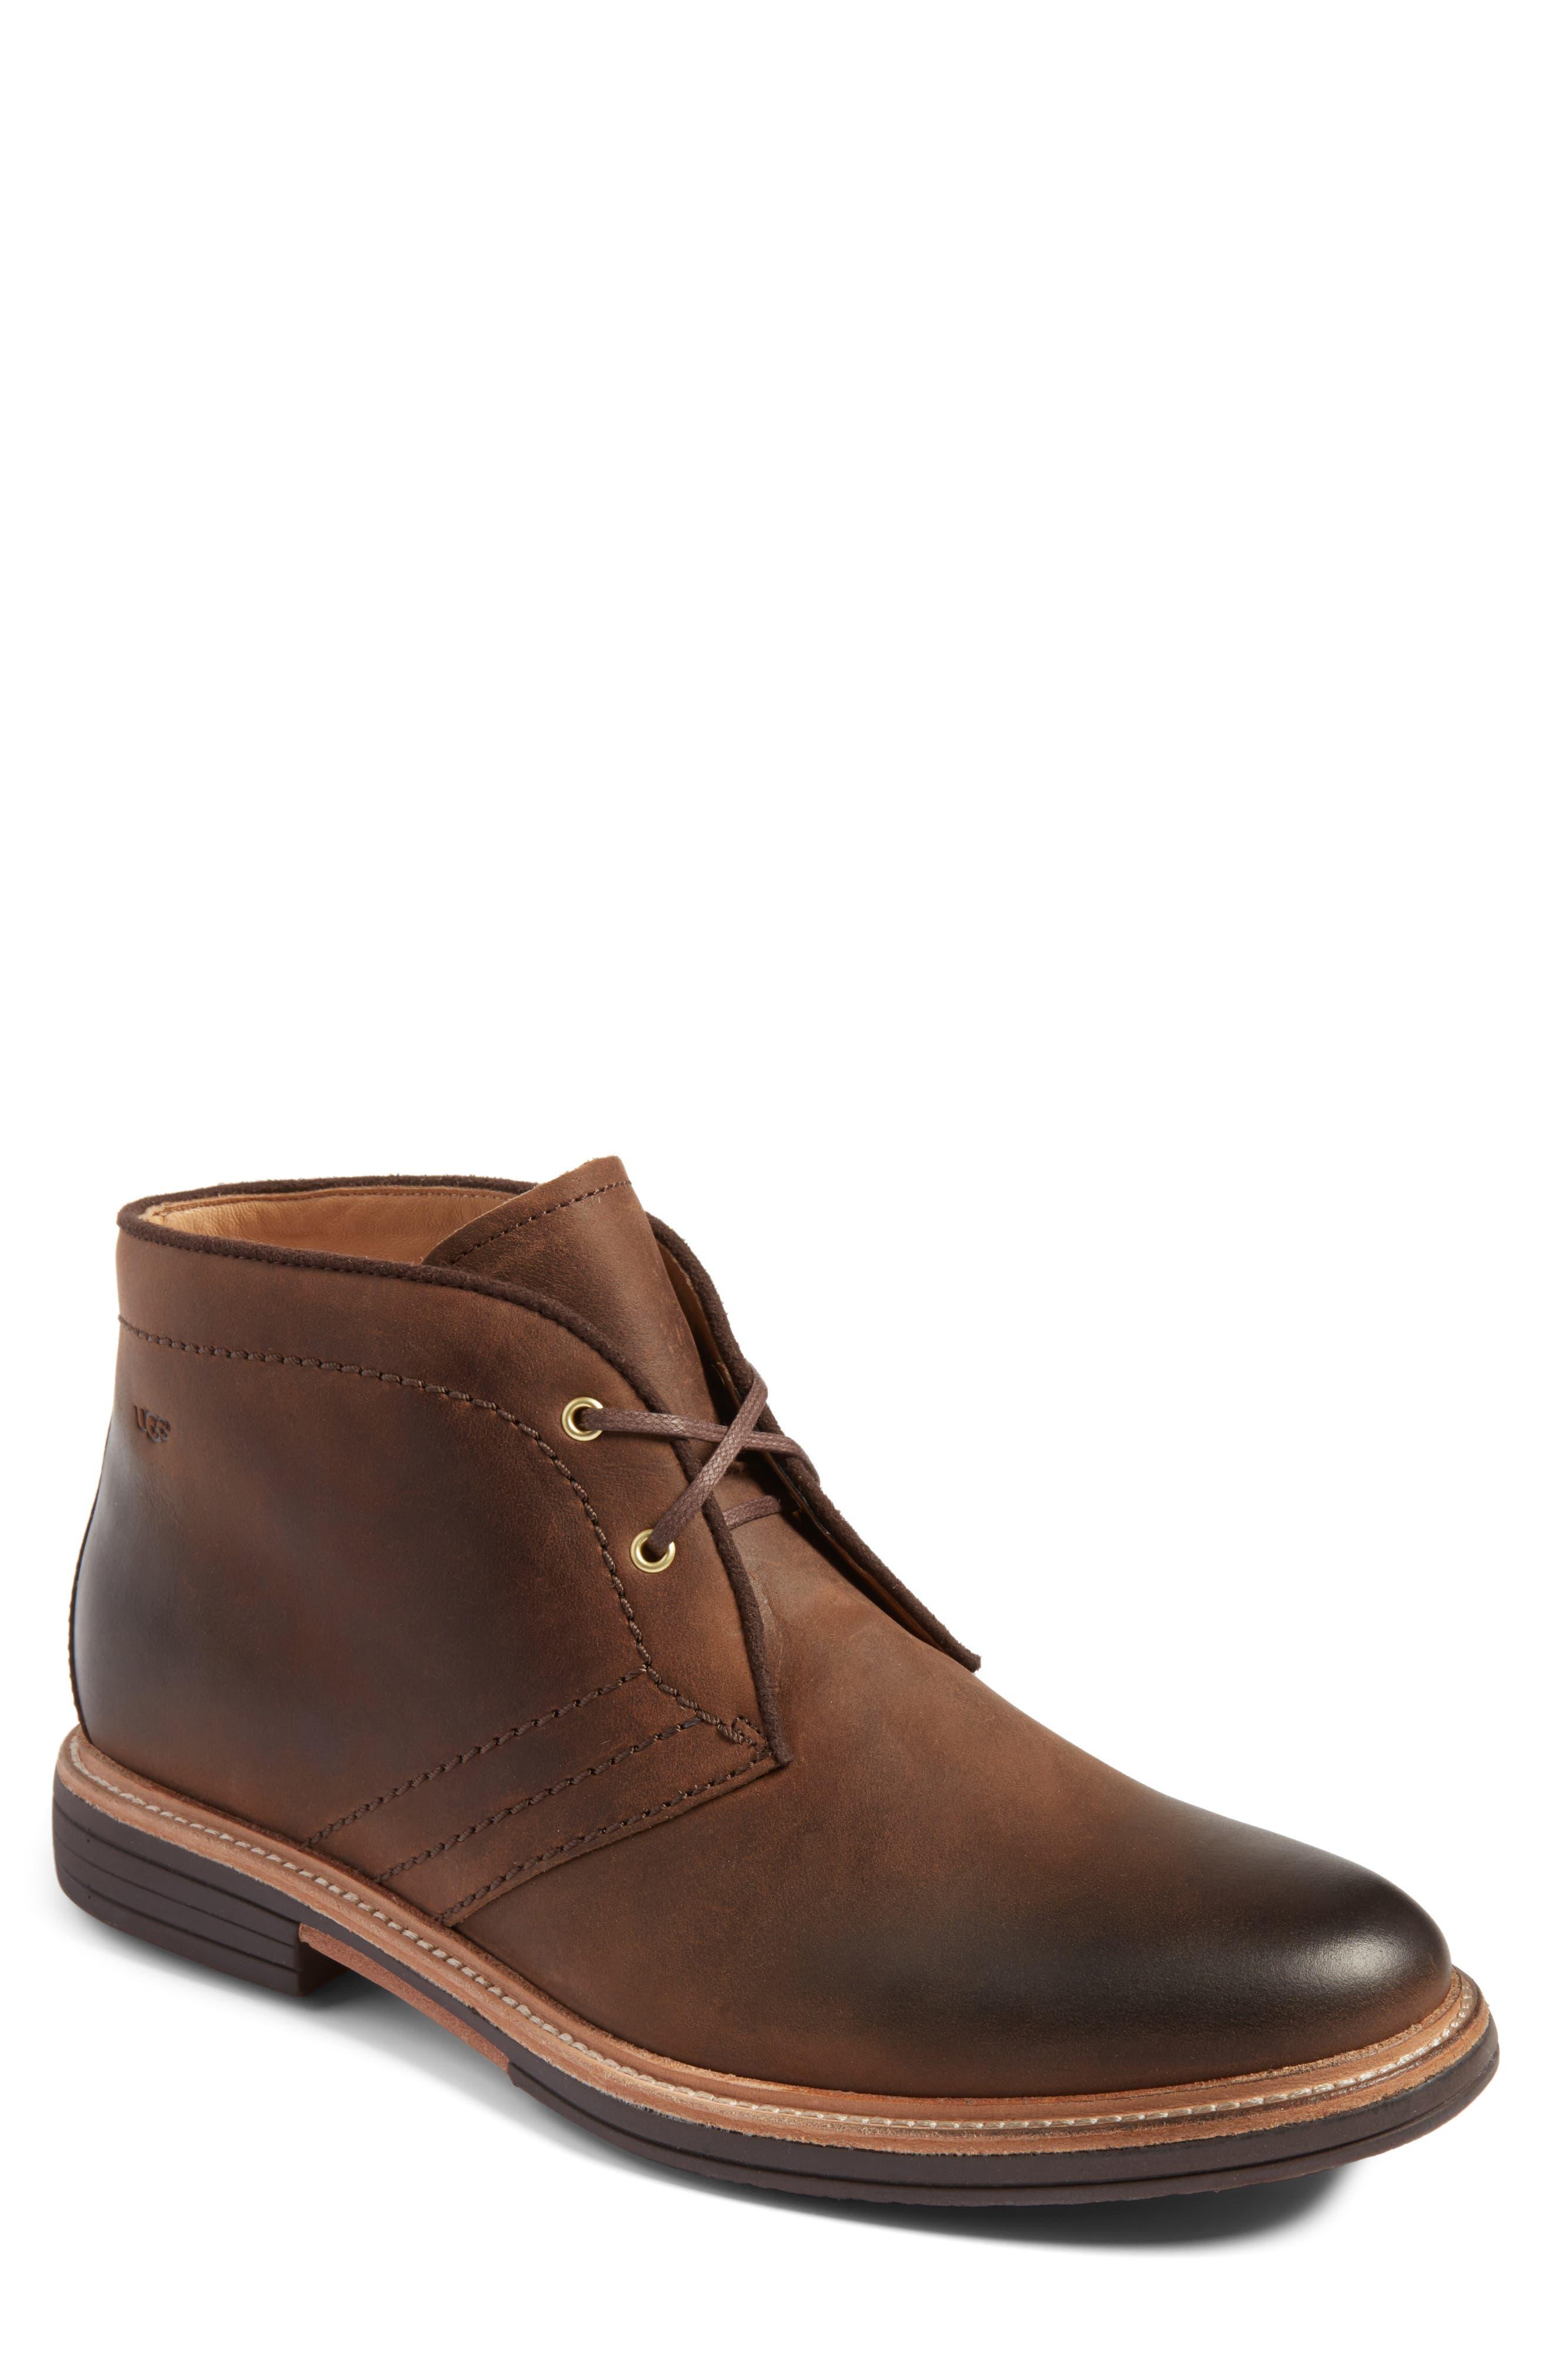 Alternate Image 1 Selected - UGG® Australia Dagmann Chukka Boot (Men)